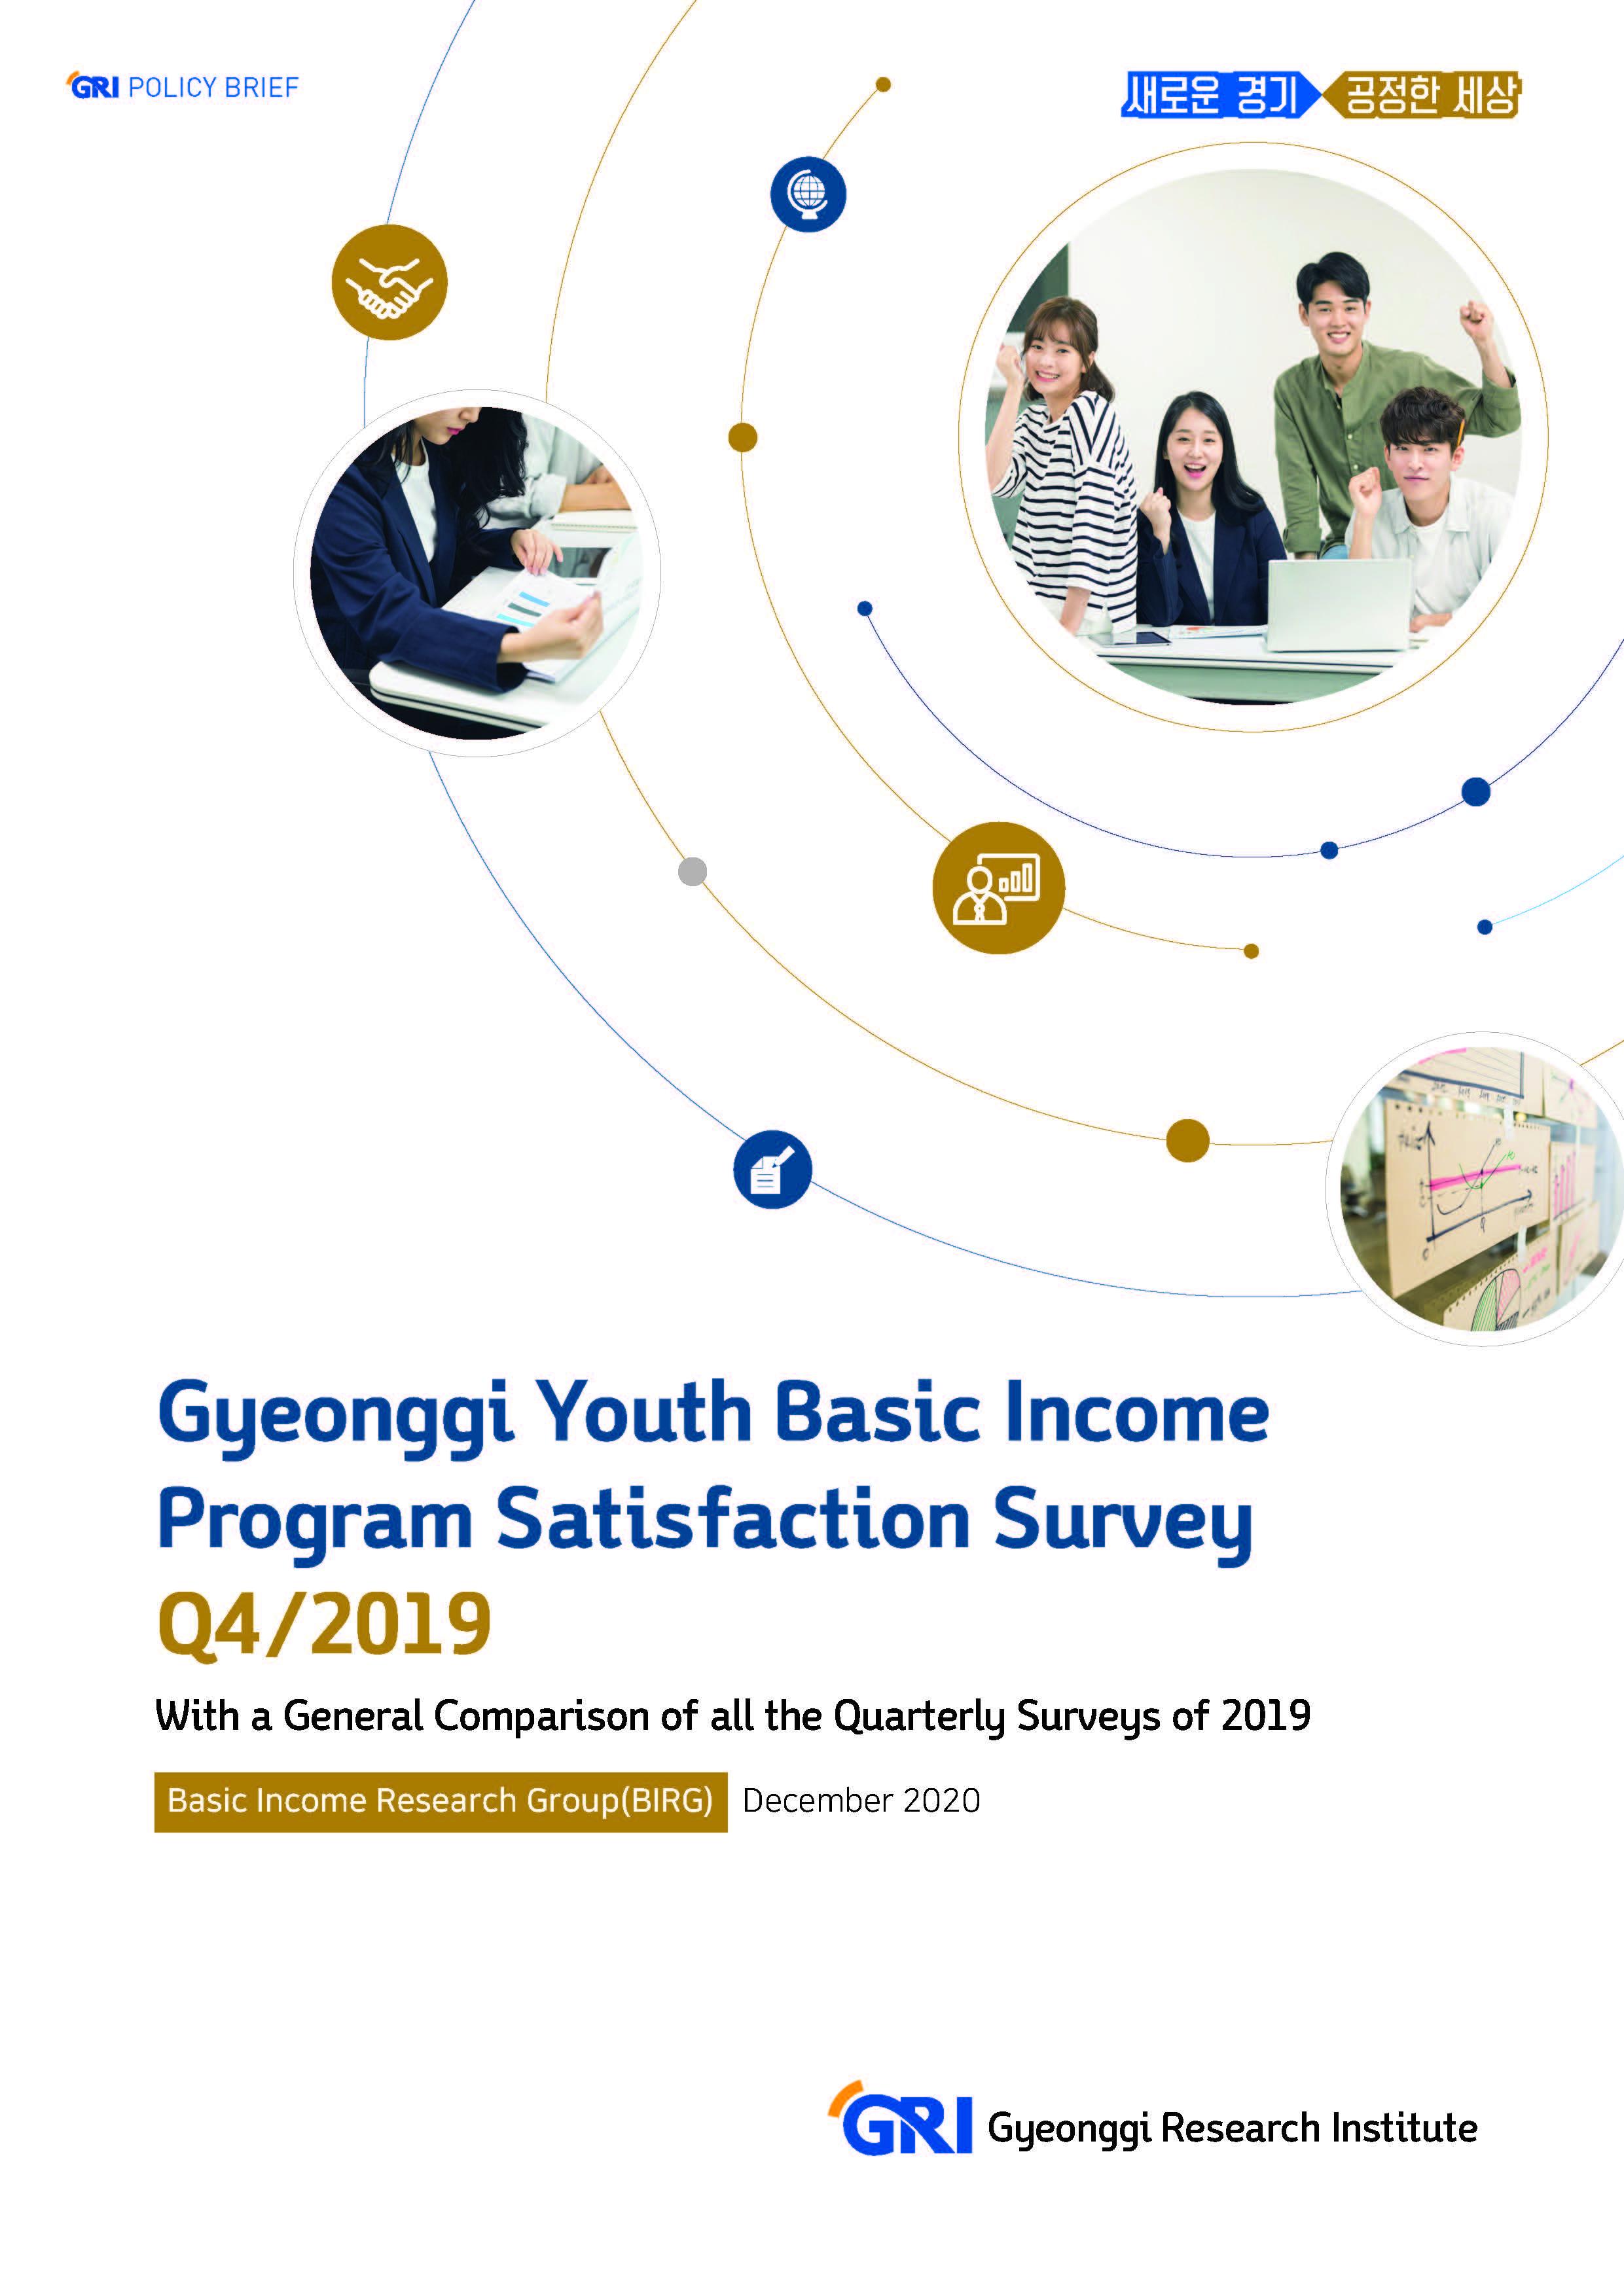 Gyeonggi Youth Basic Income Program Satisfaction Survey Q4/2019